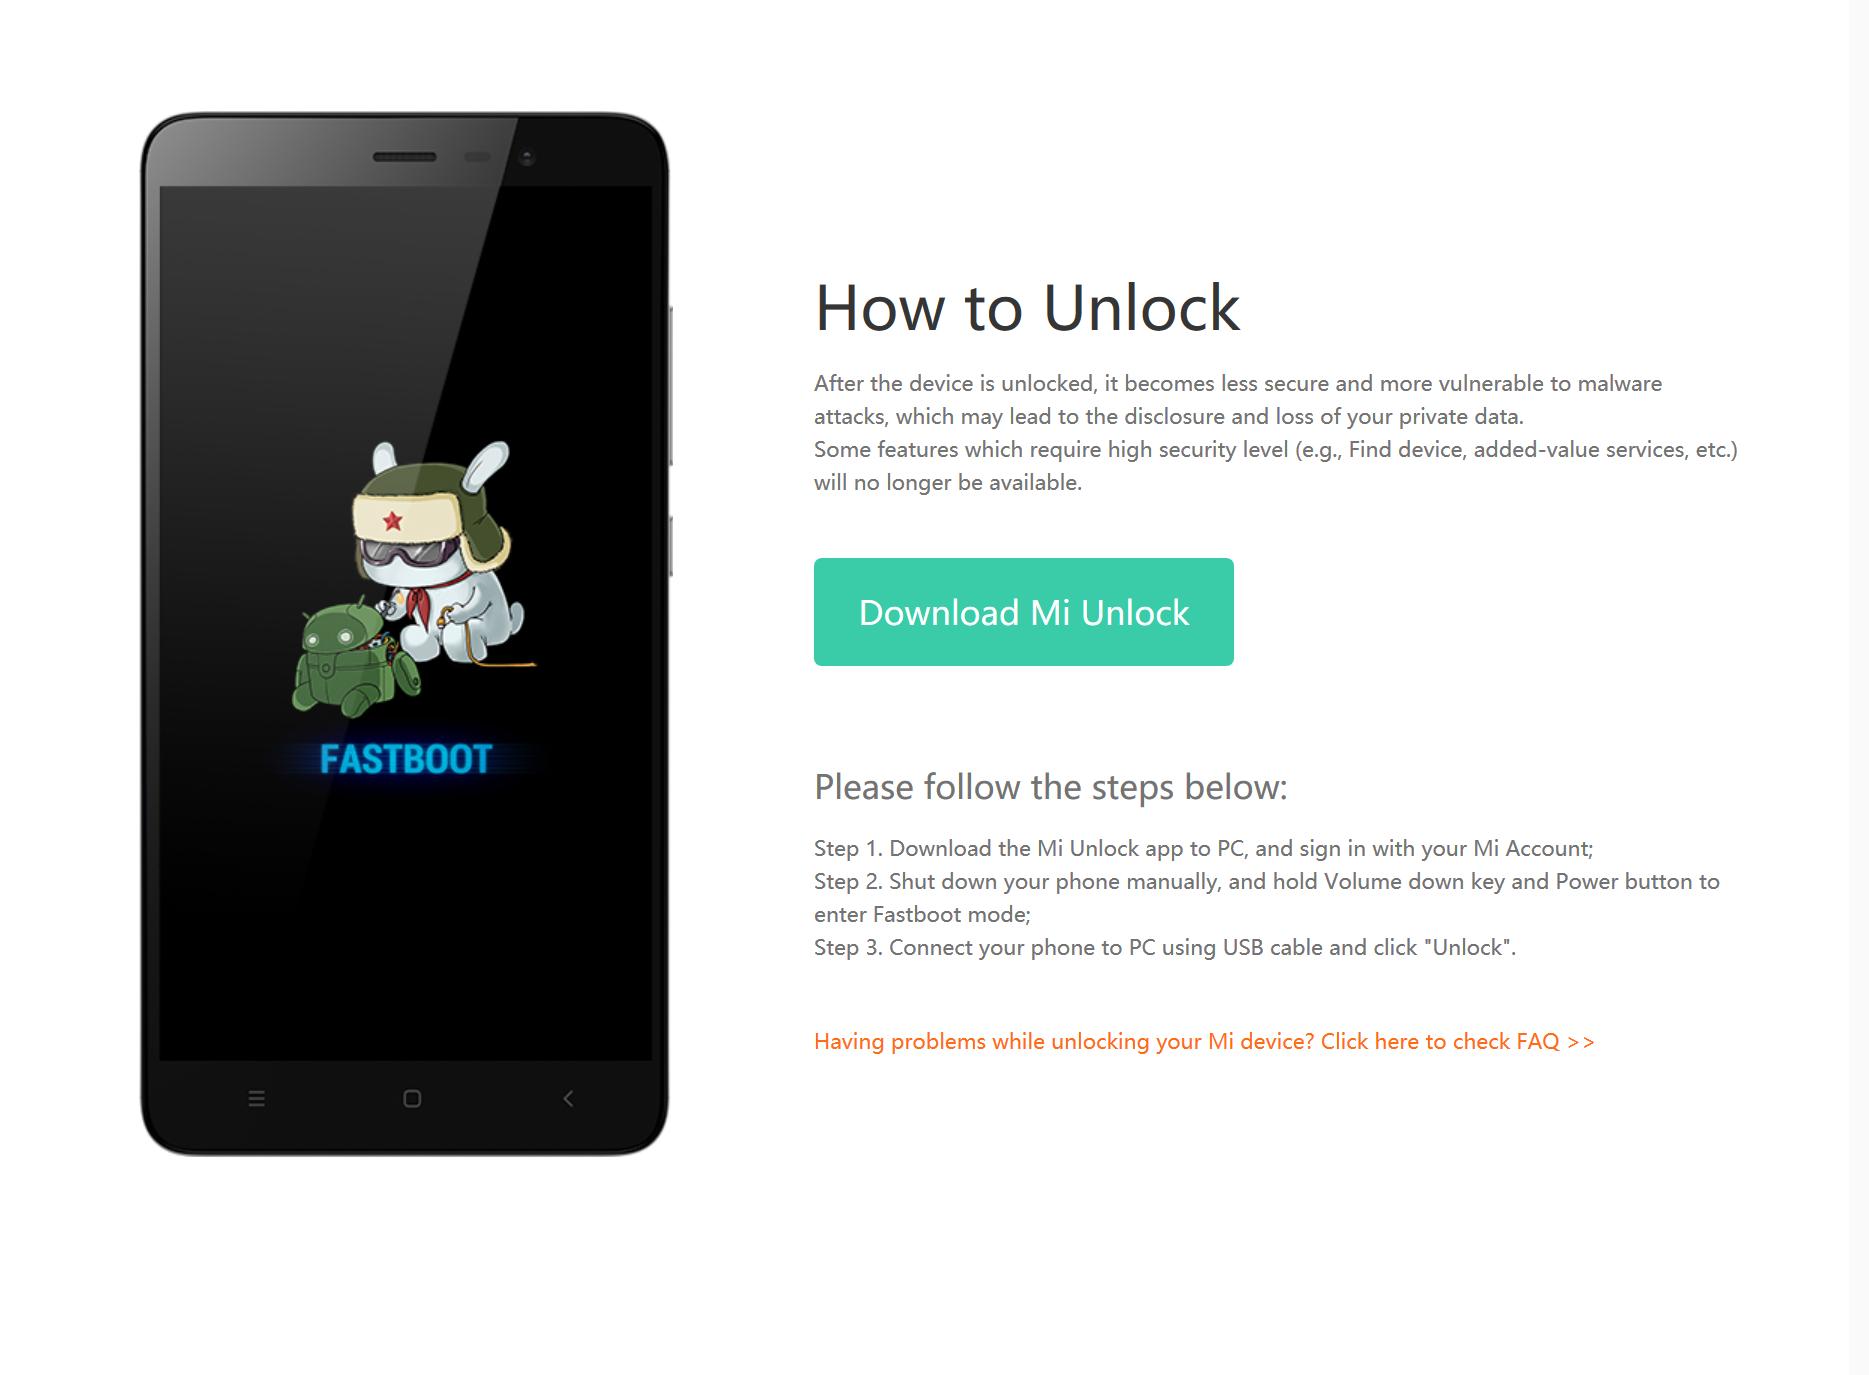 mi-unlock-tool-download